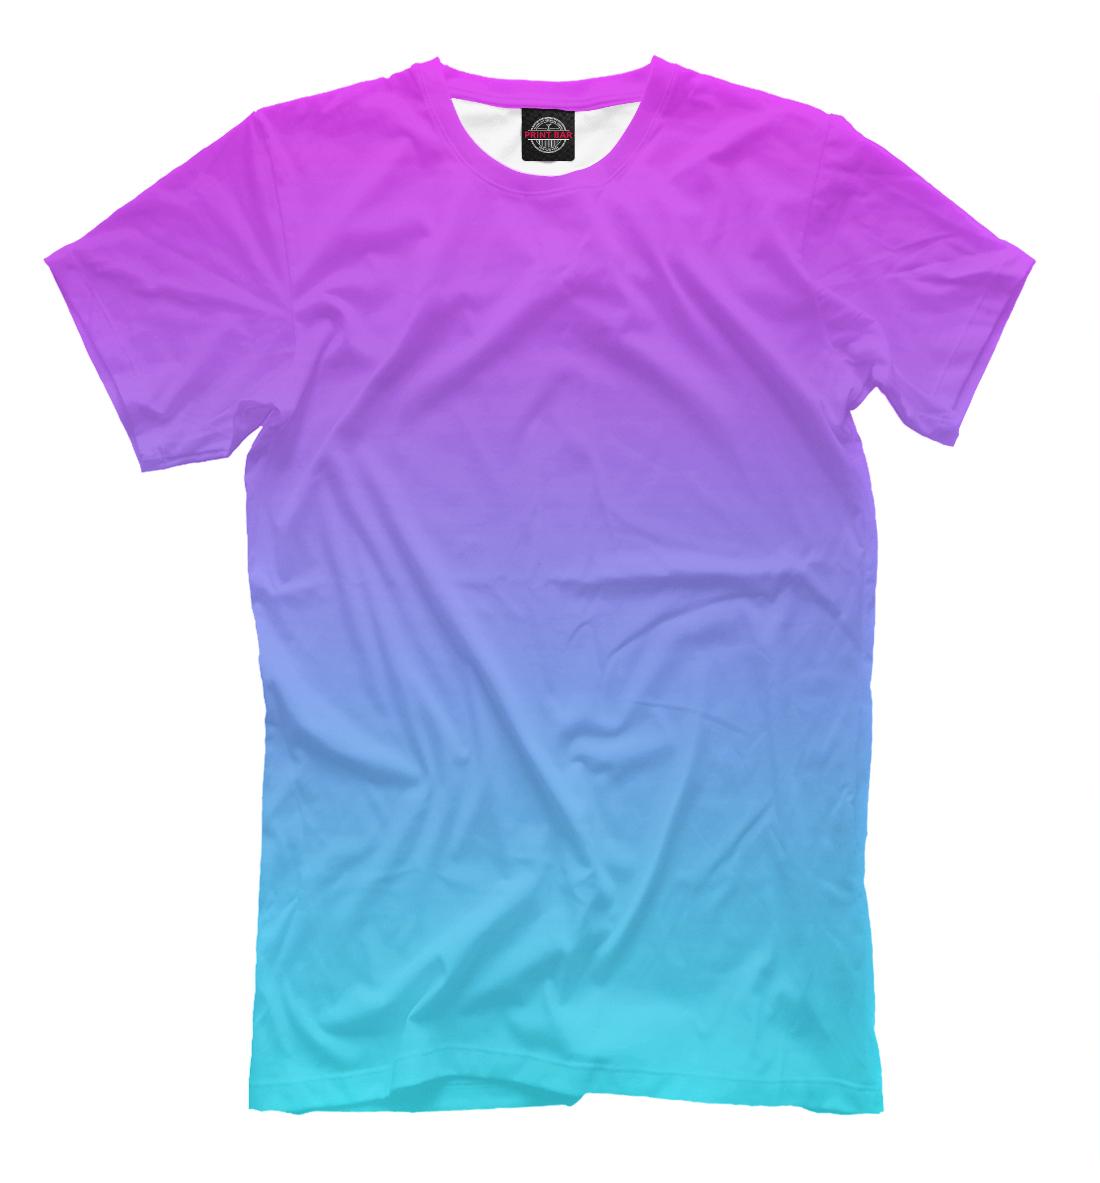 Купить Градиент: Розовый в Голубой, Printbar, Футболки, CLR-401097-fut-2